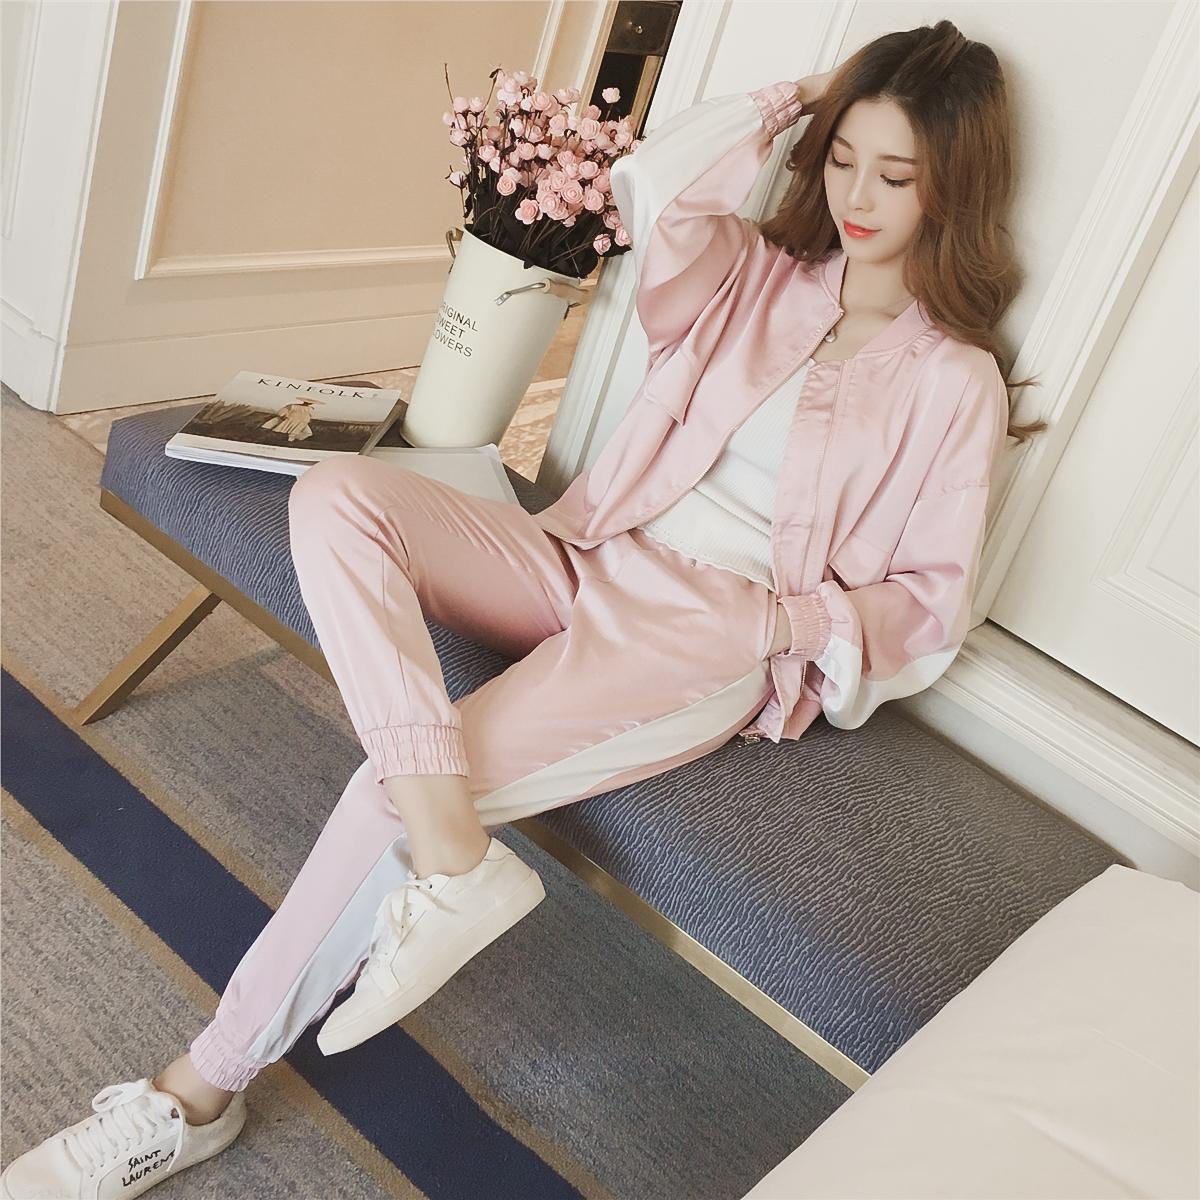 2020春新款韩版长袖棒球服外套+哈伦裤休闲套装女装时髦两件套装